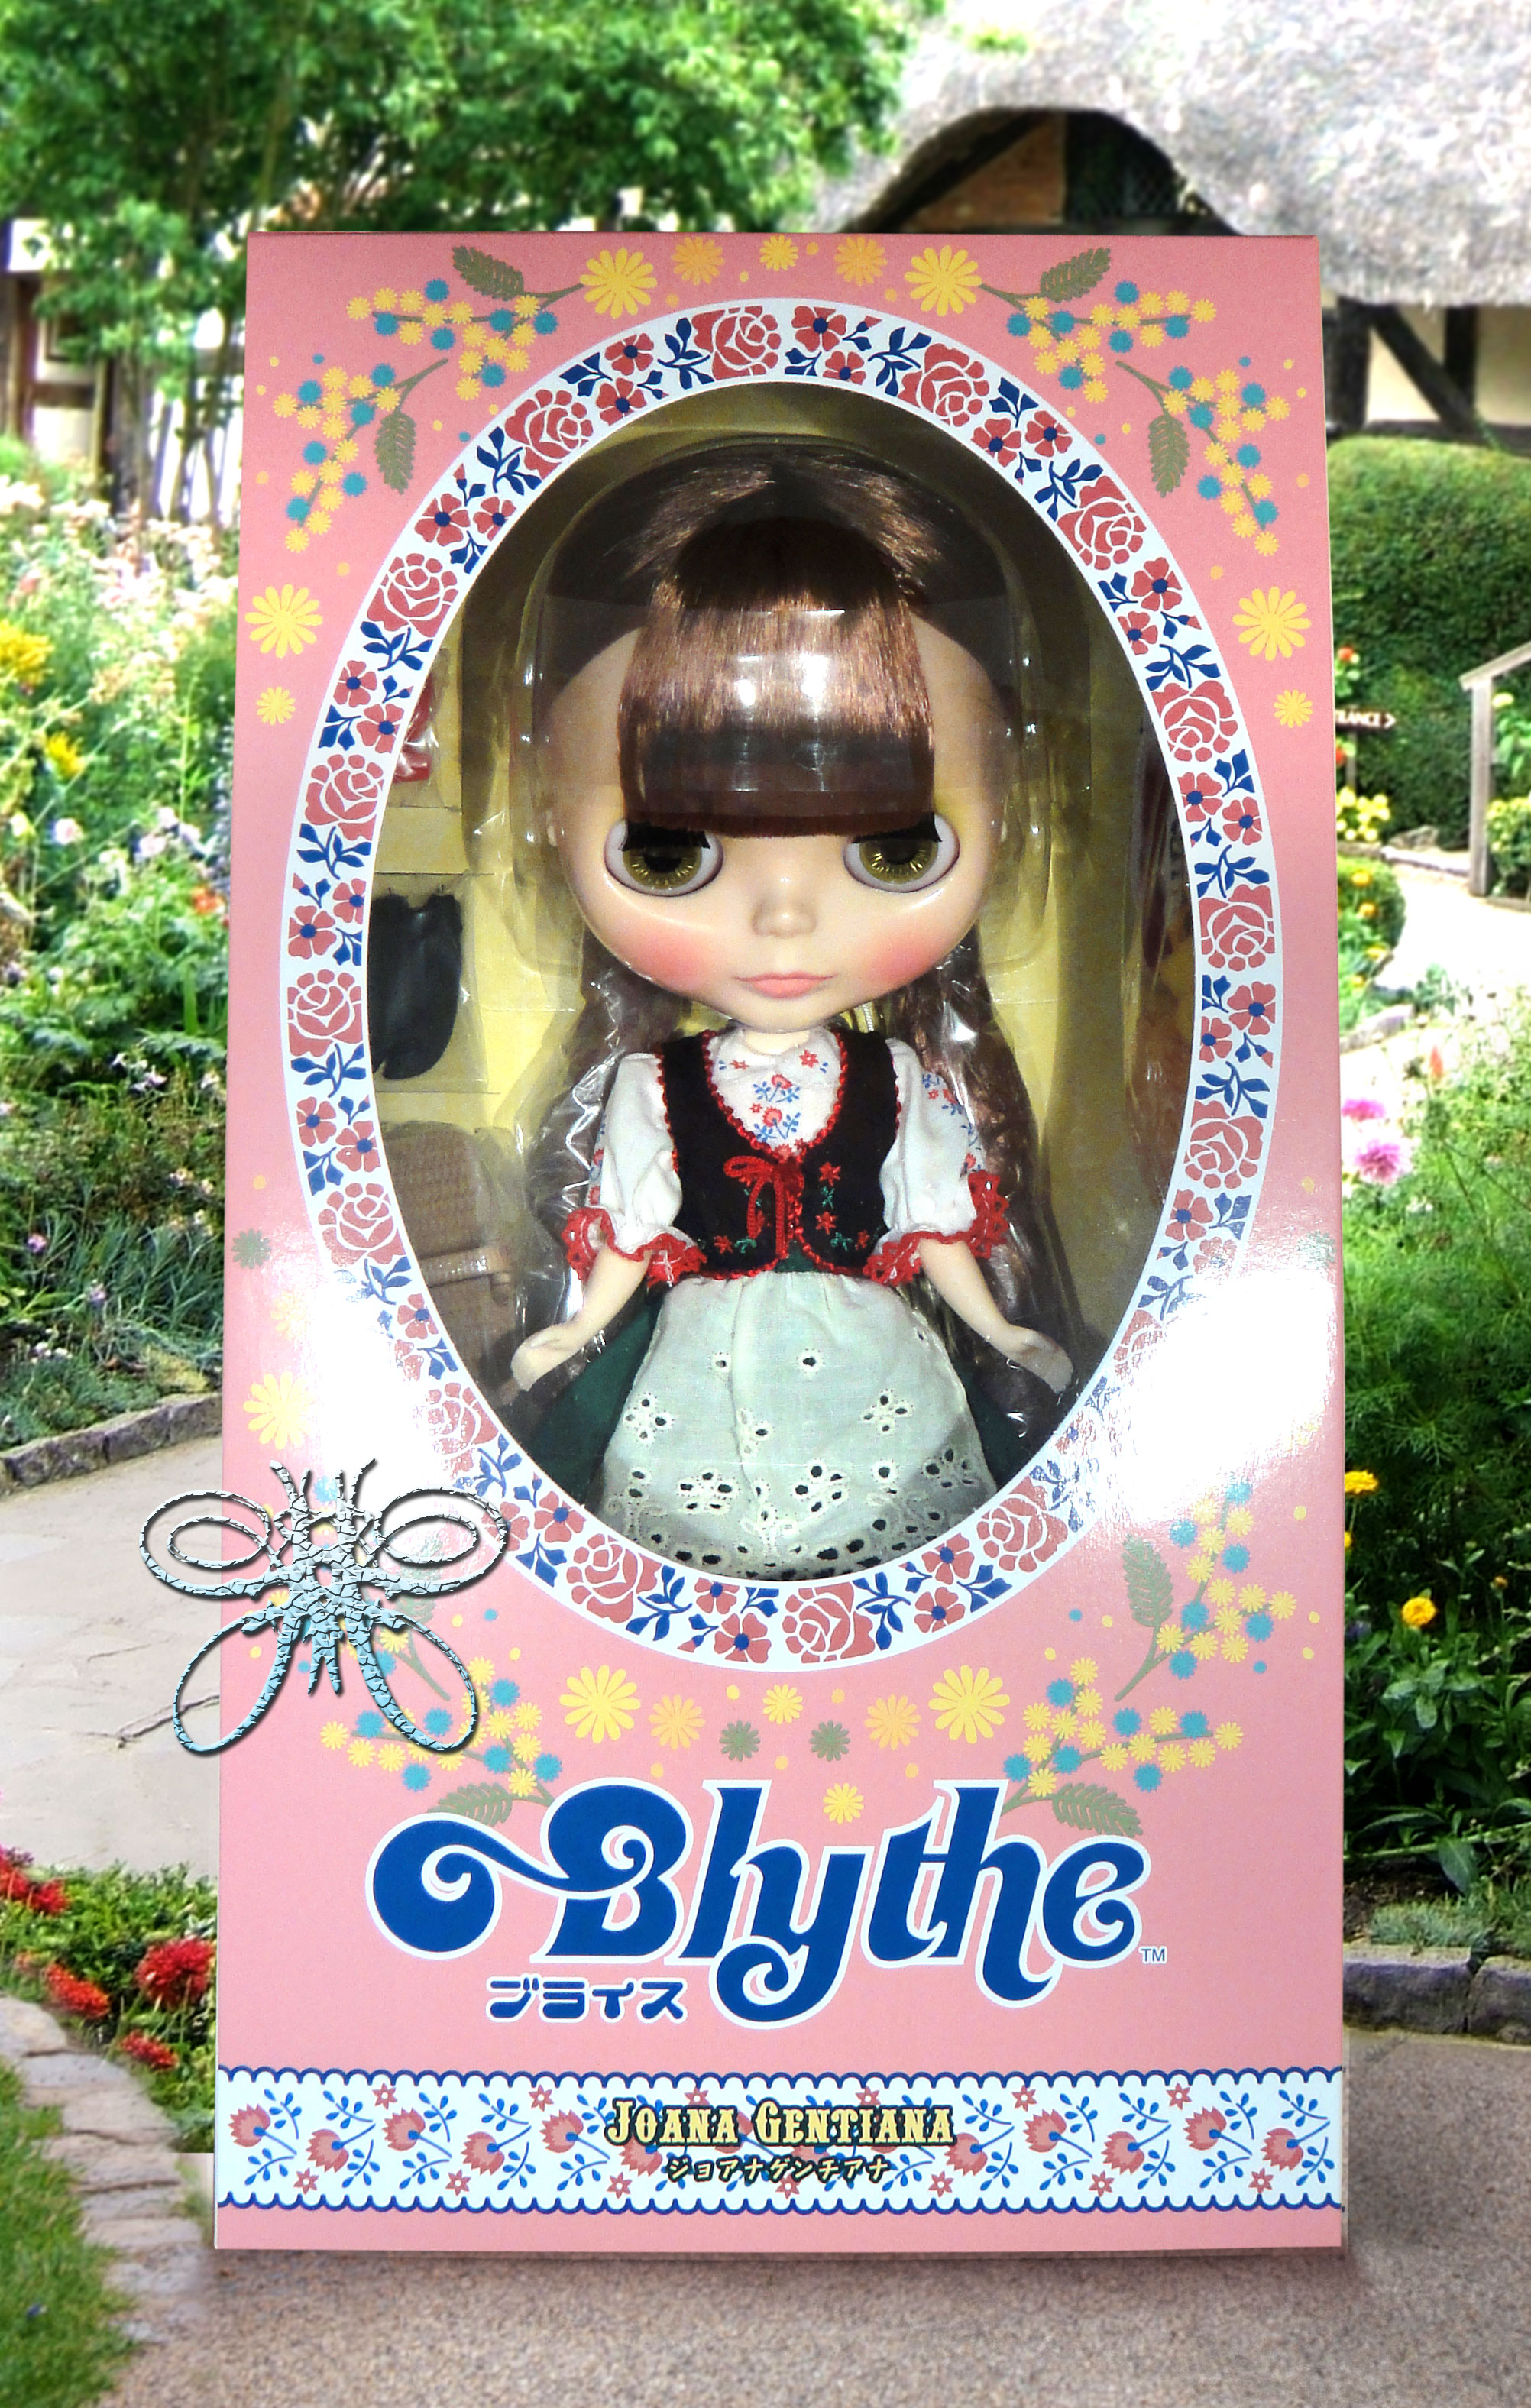 http://www.magmaheritage.com/Blythe/joannagentiana/joanagentianainbox1.jpg